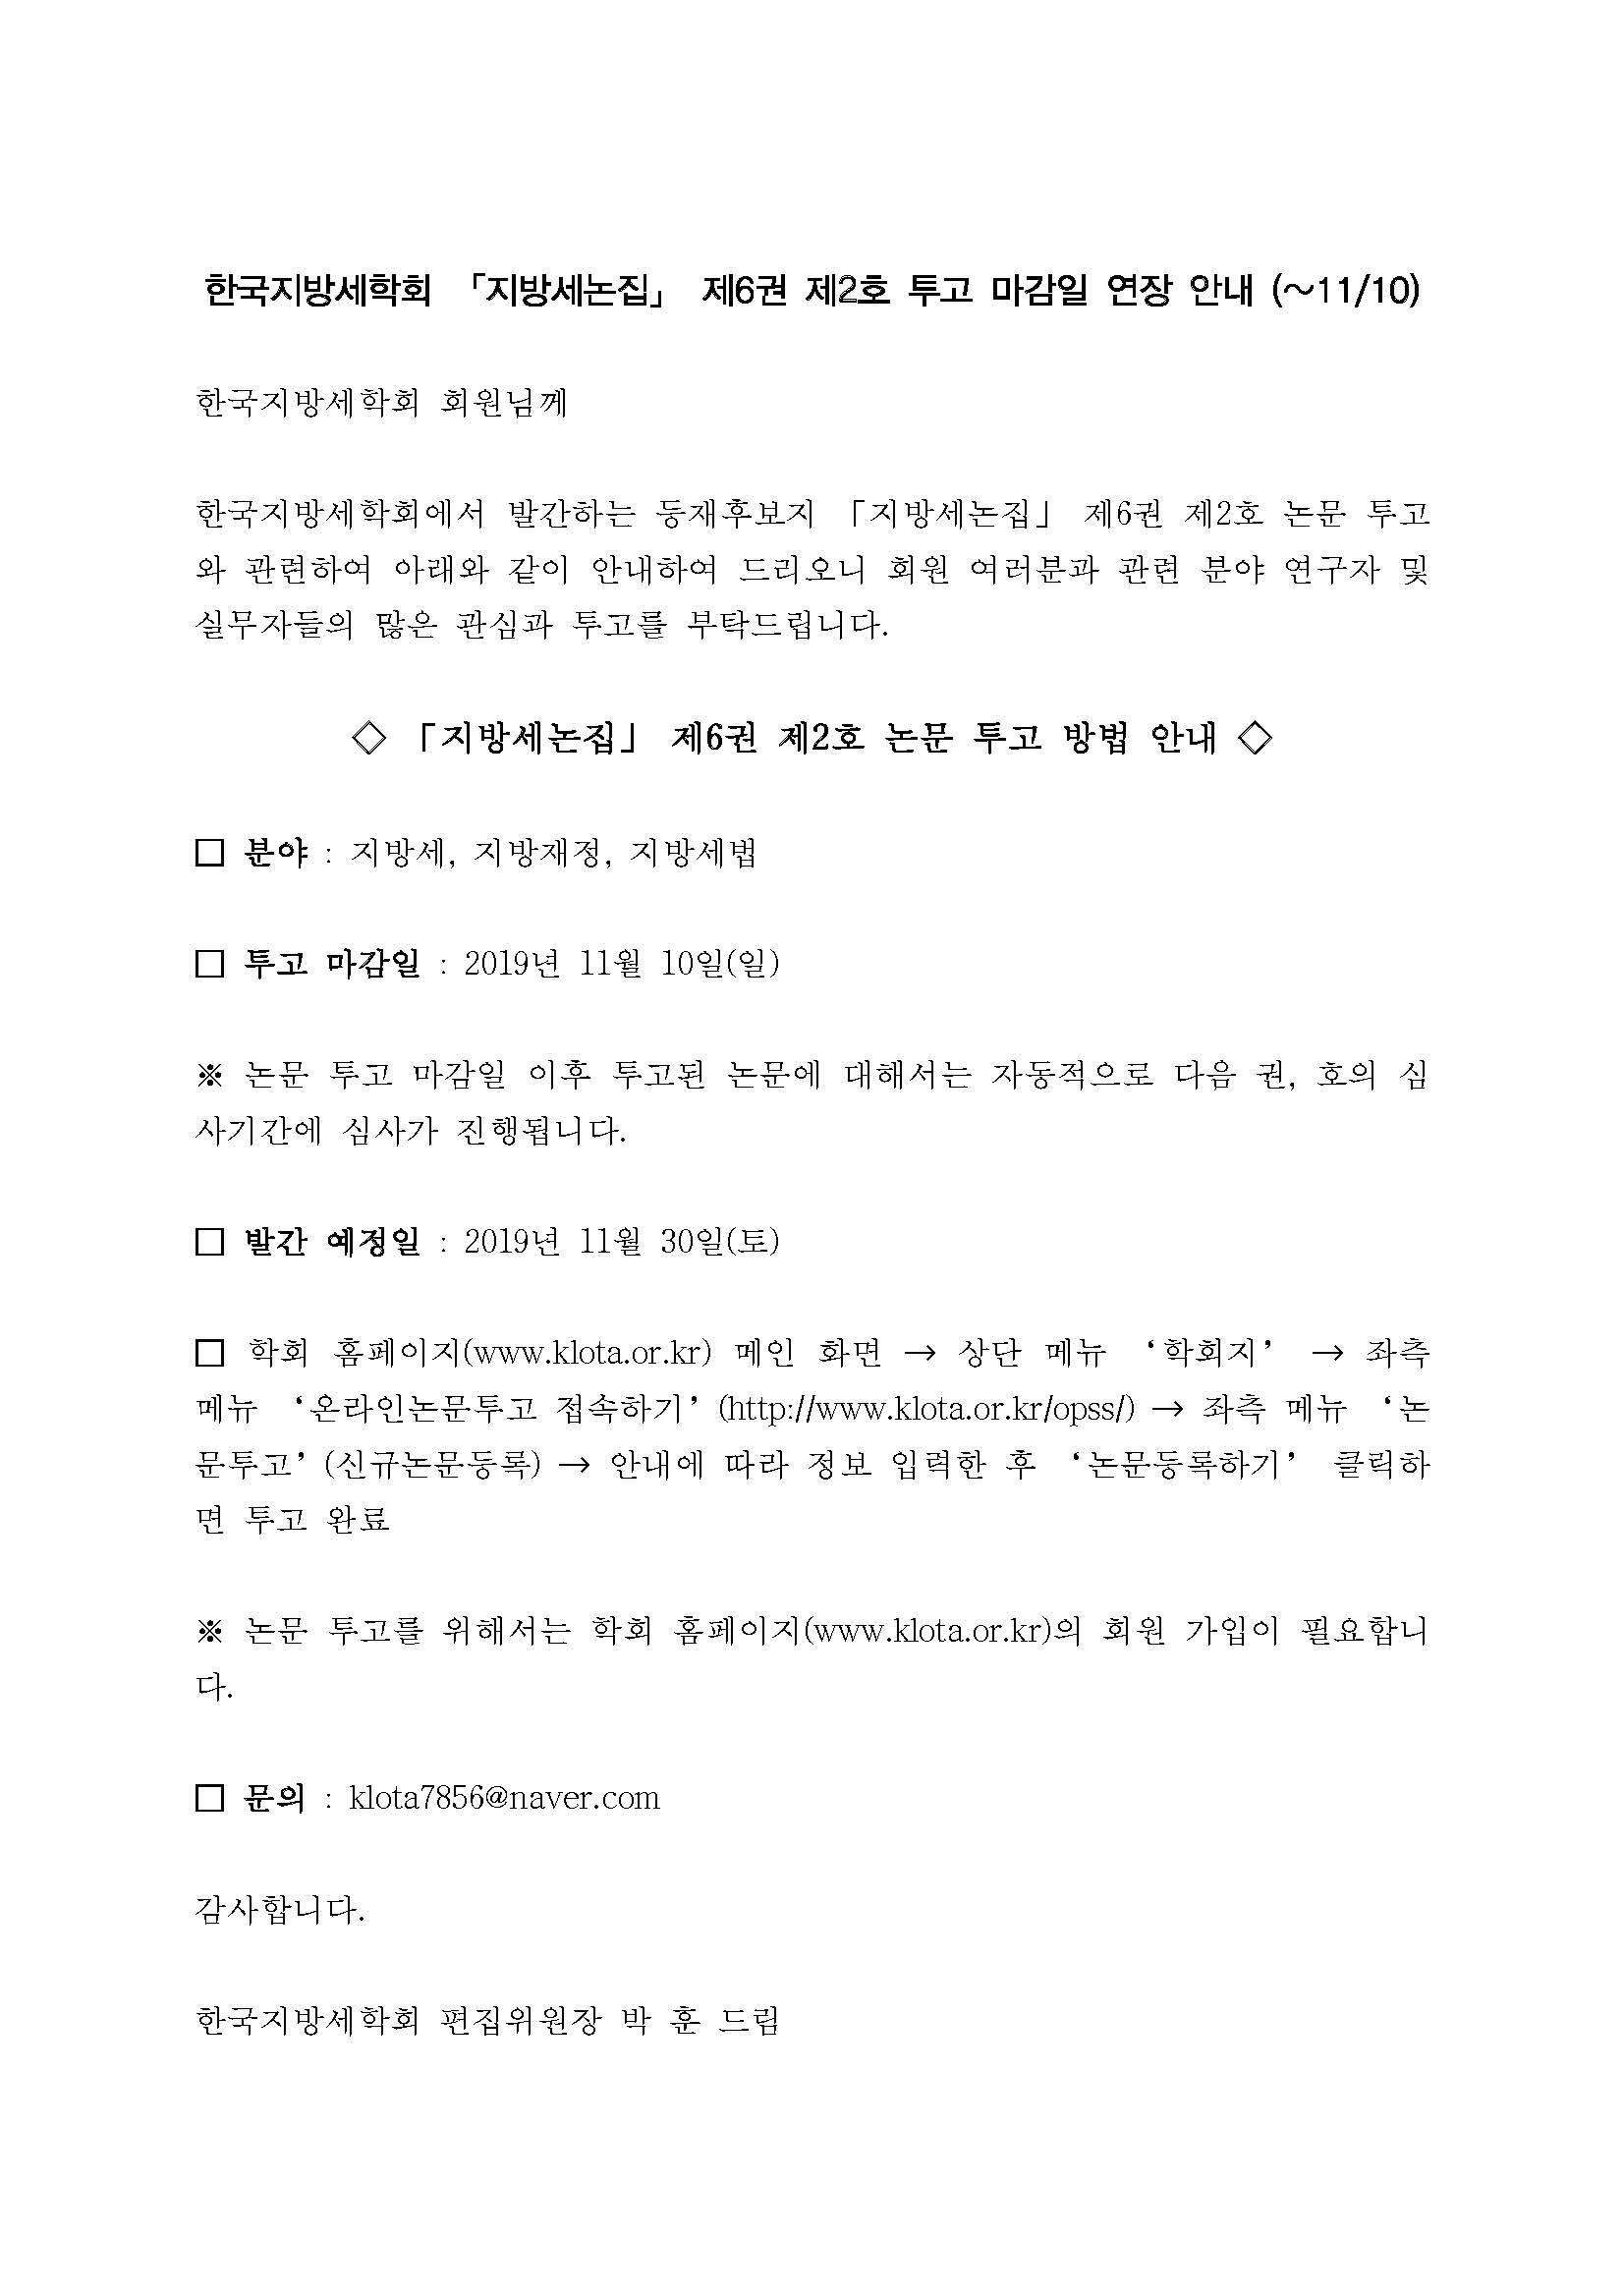 한국지방세학회 「지방세논집」 제6권 제2호 투고 마감일 연장 안내.jpg